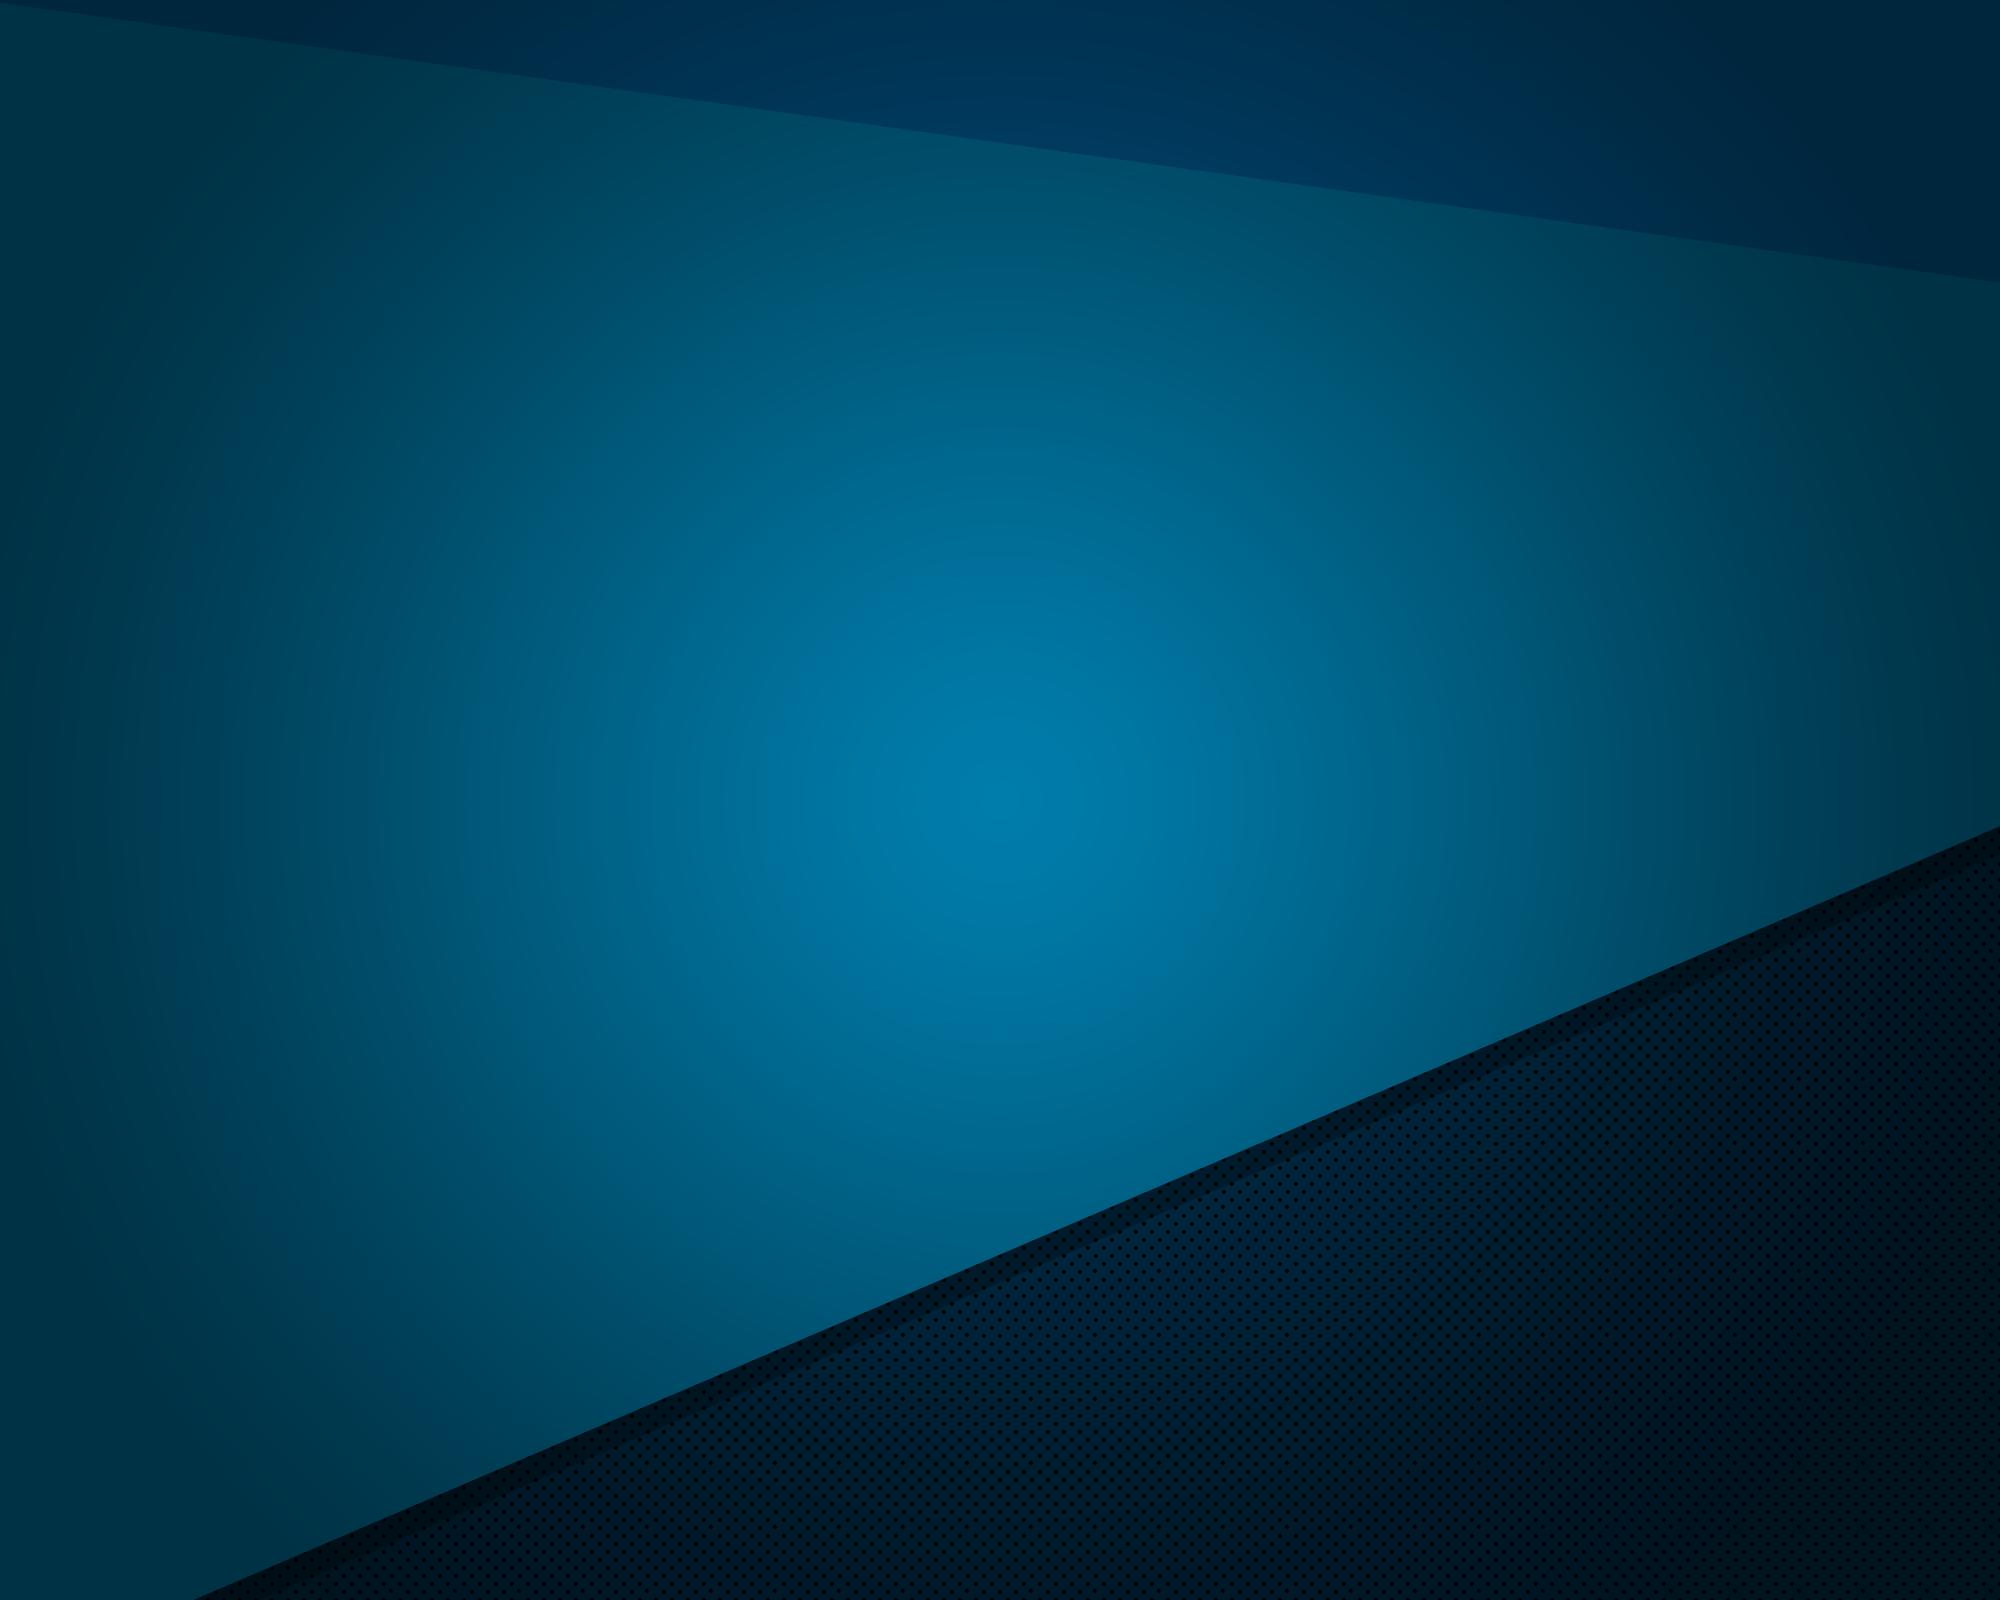 dark-blue-background-2000x1600.png